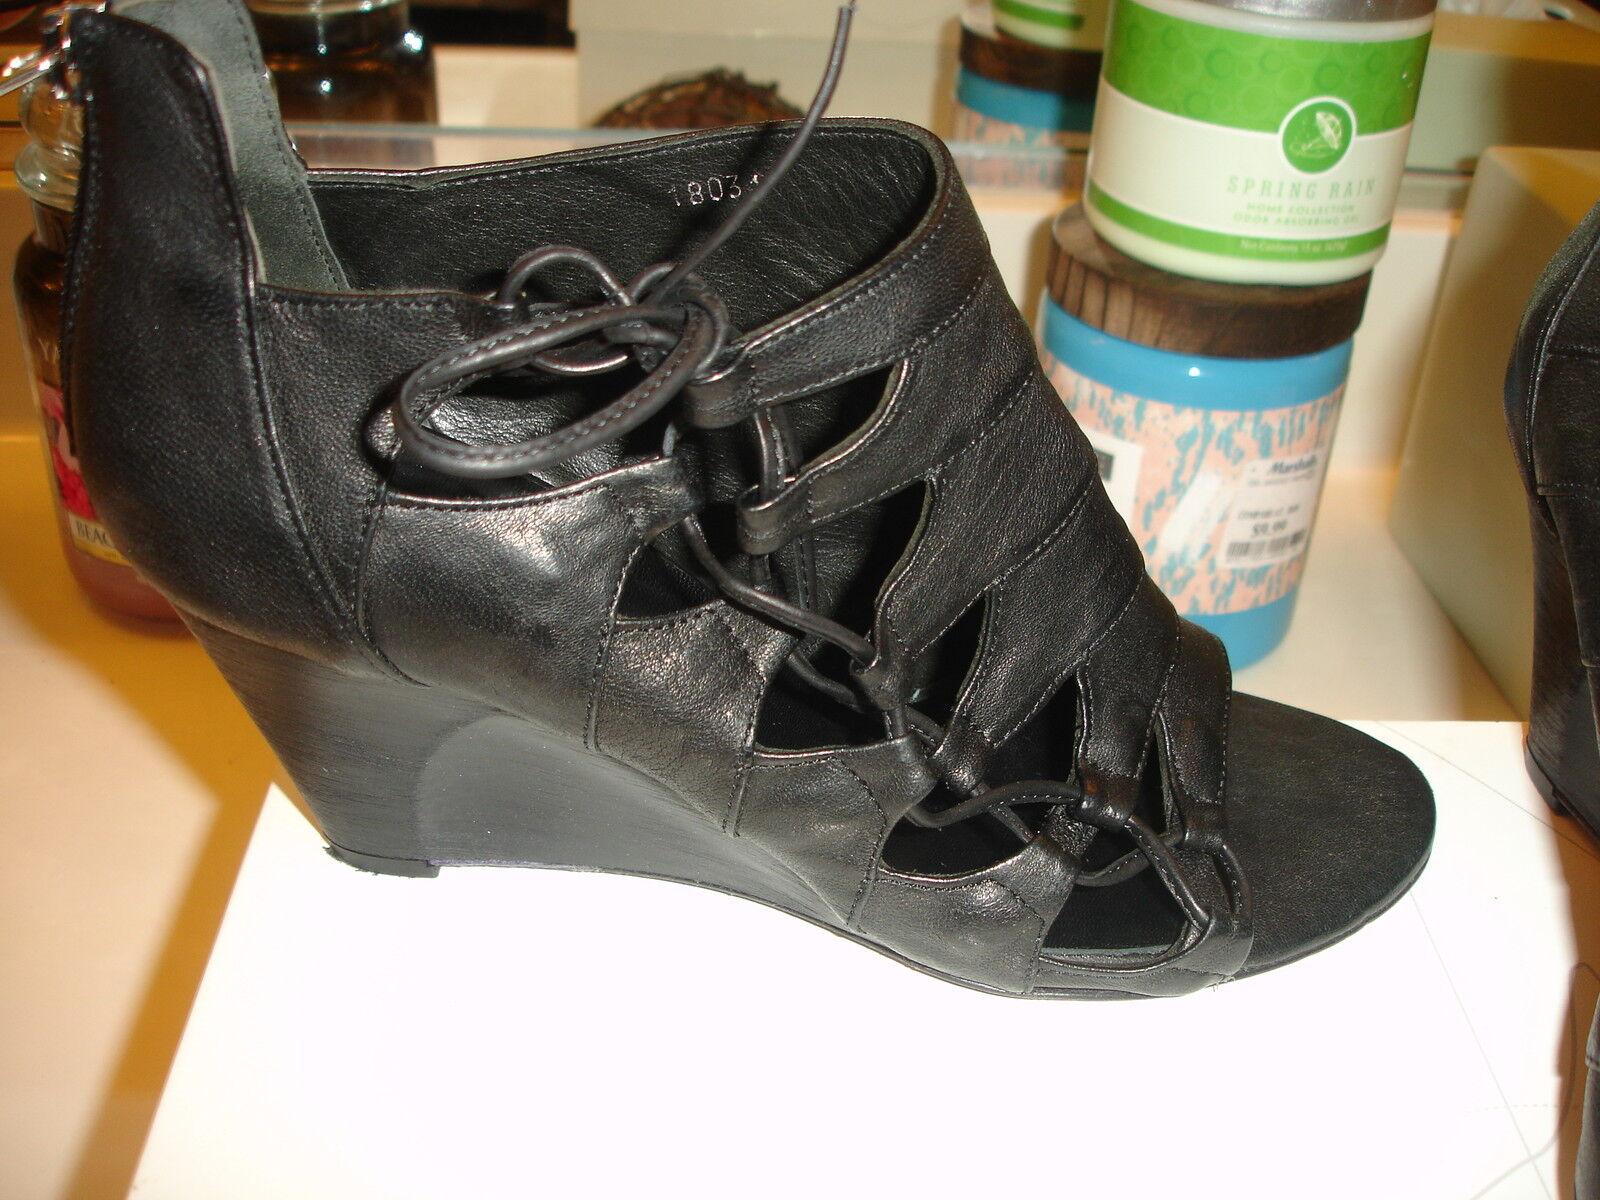 Latitude femme Black Leather Wedge 18031 Deco black 8.5 39 styllish sexy  249